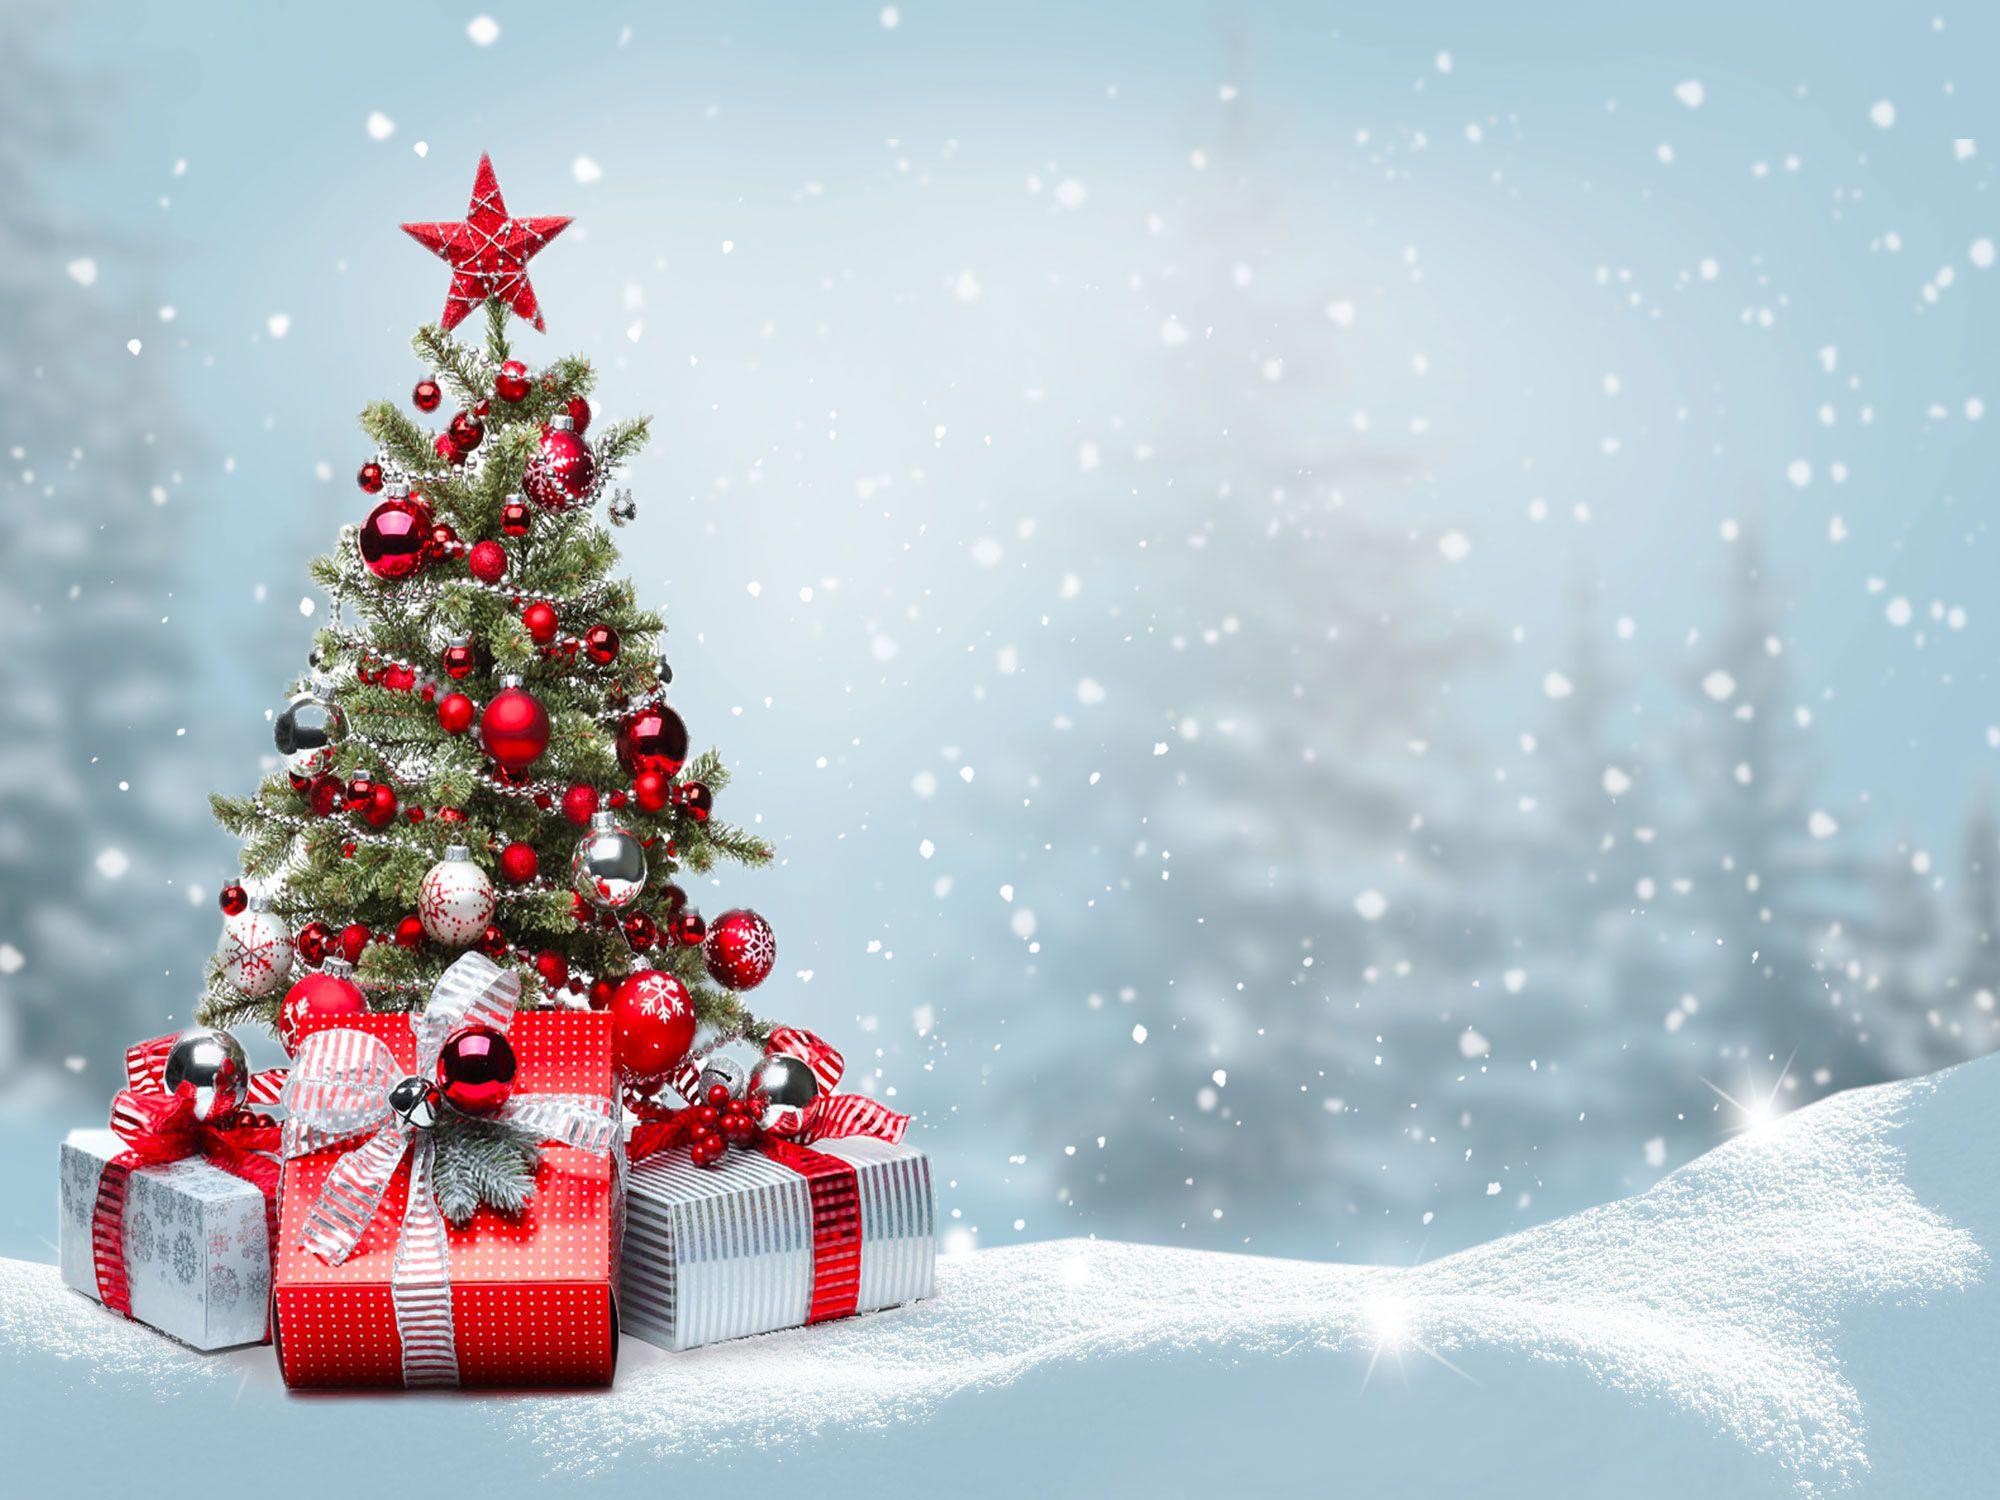 Beaux cadeaux d'arbre de Noël Boîtes Vinyle Photographie de photographie de flocon de neige Fonds de stand de flocons de neige pour accessoires de studio d'hiver